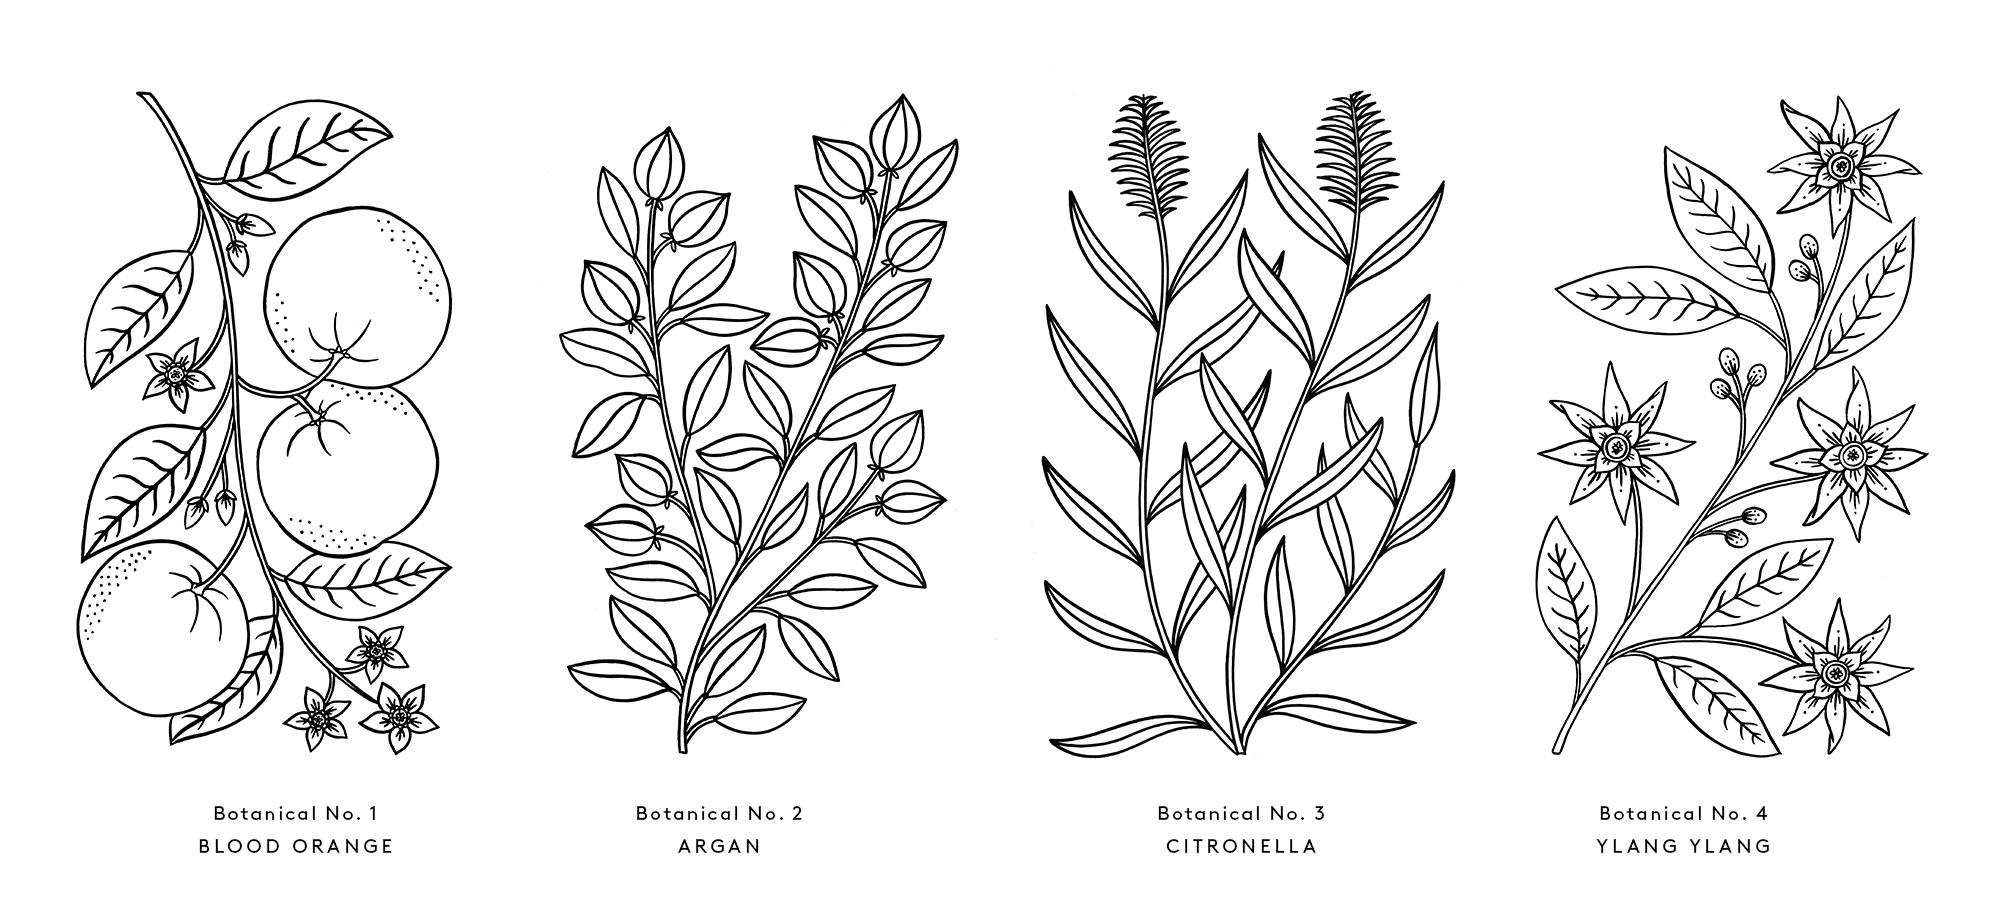 kimball_botanicals.jpg